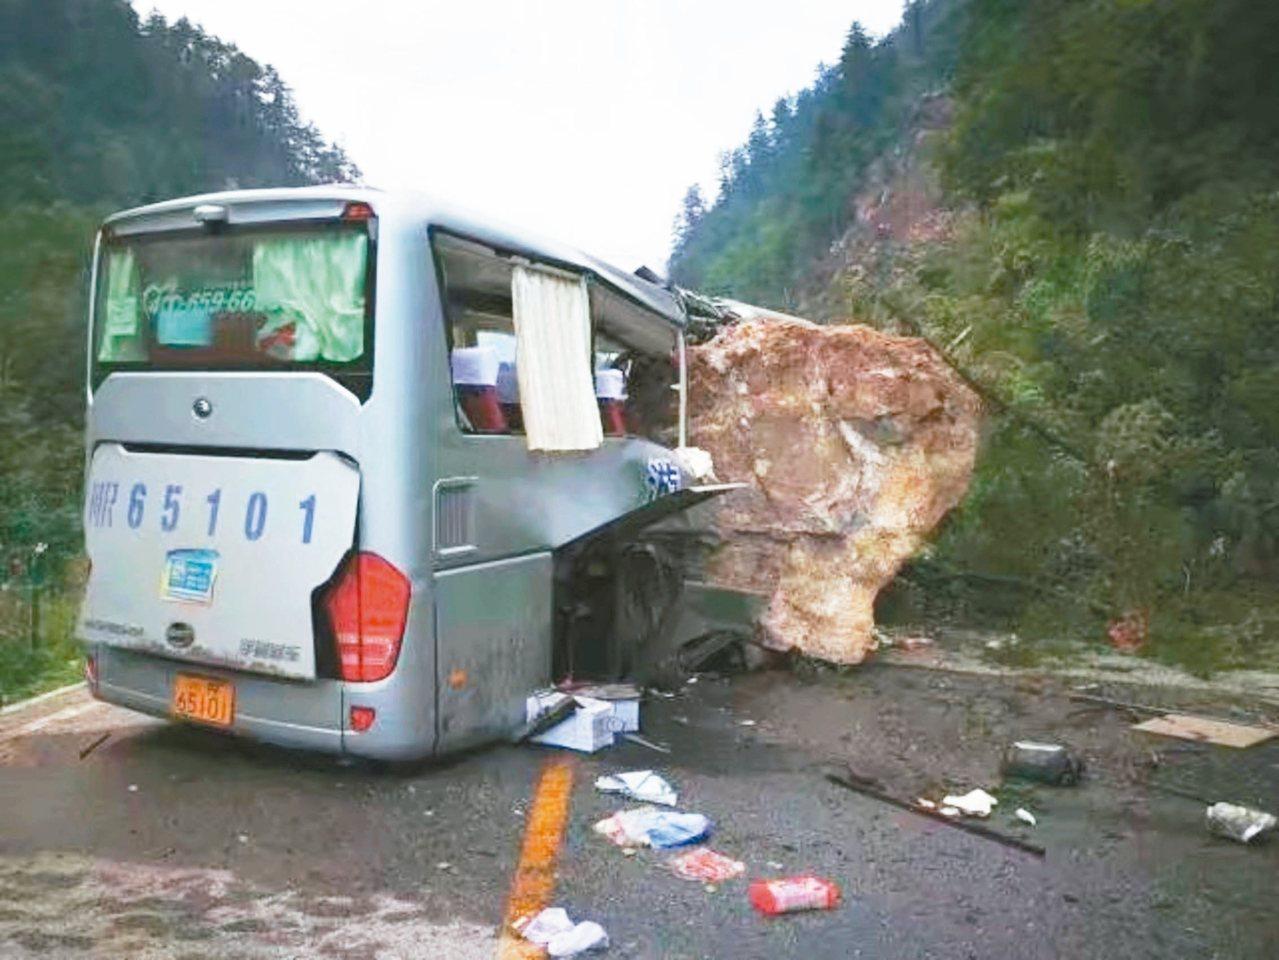 一輛遊覽車被掉落的巨石砸中,造成多人死傷。 新華網